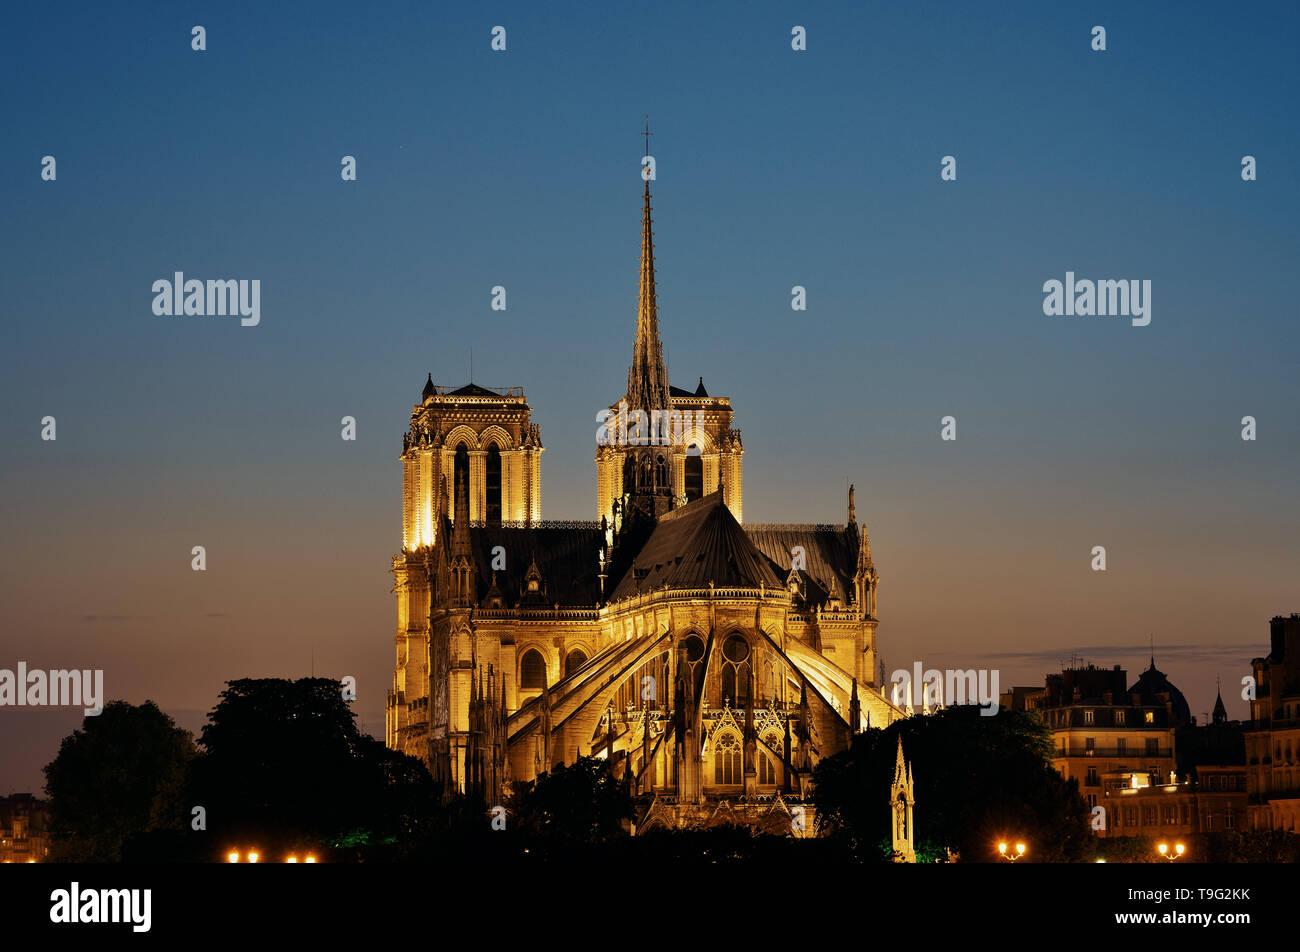 Notre Dame de Paris at dusk as the famous city landmark. - Stock Image